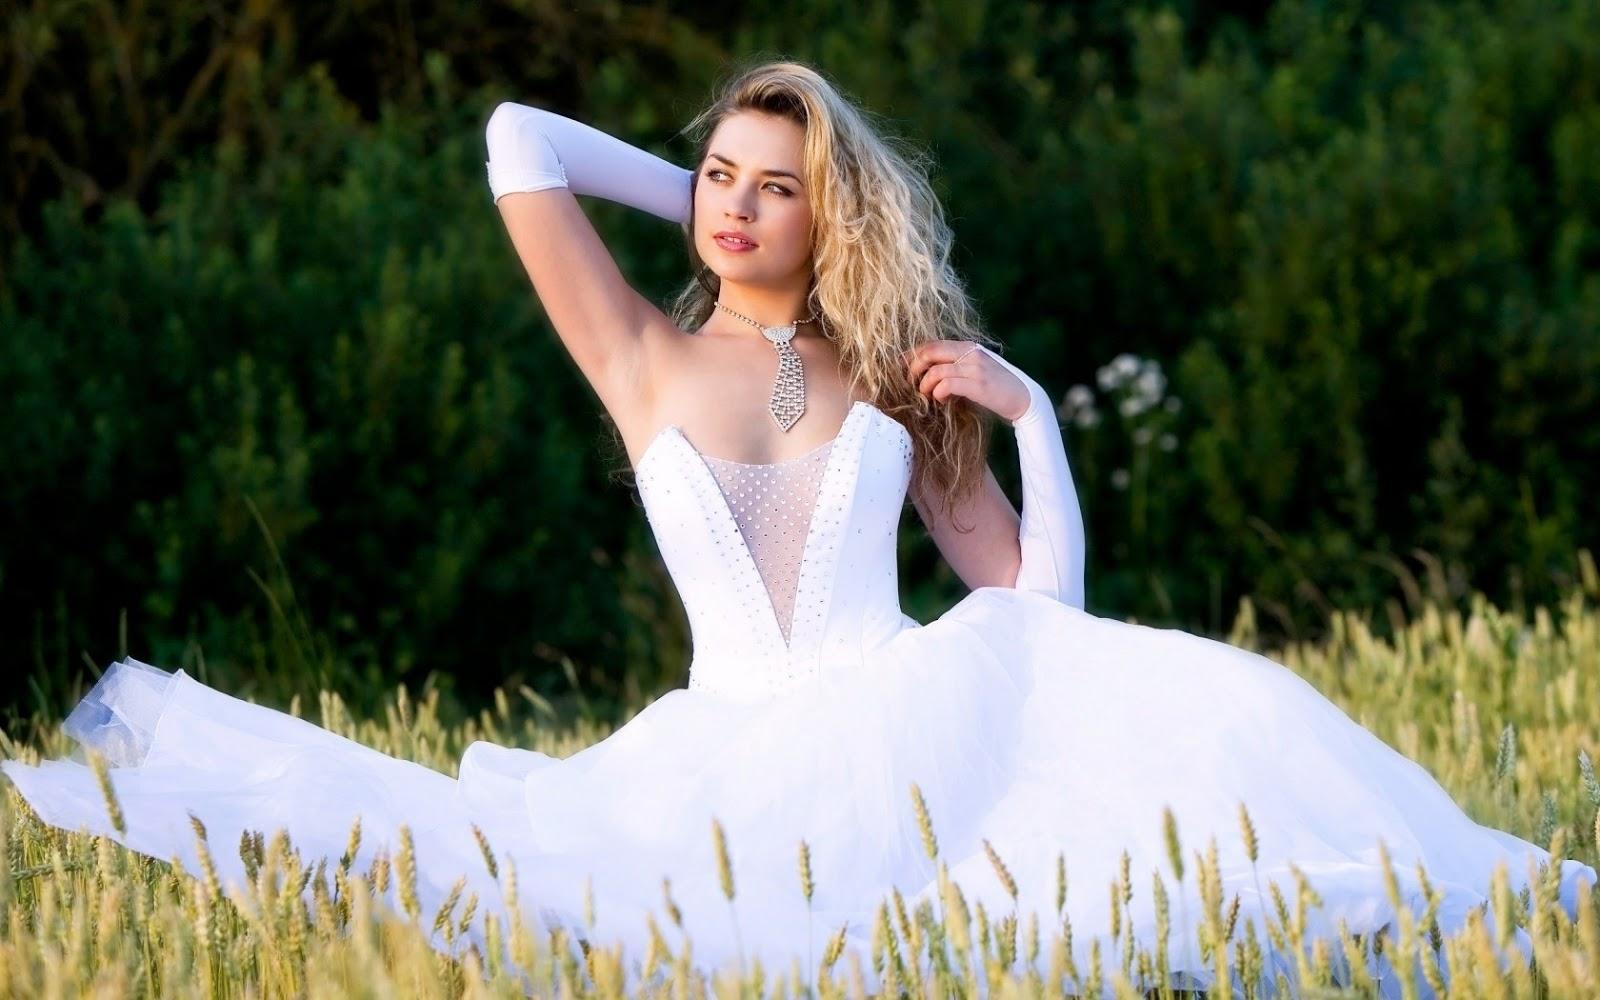 Hermosa Chica Con Vestido De Novia Blanco Imagenes Mujeres